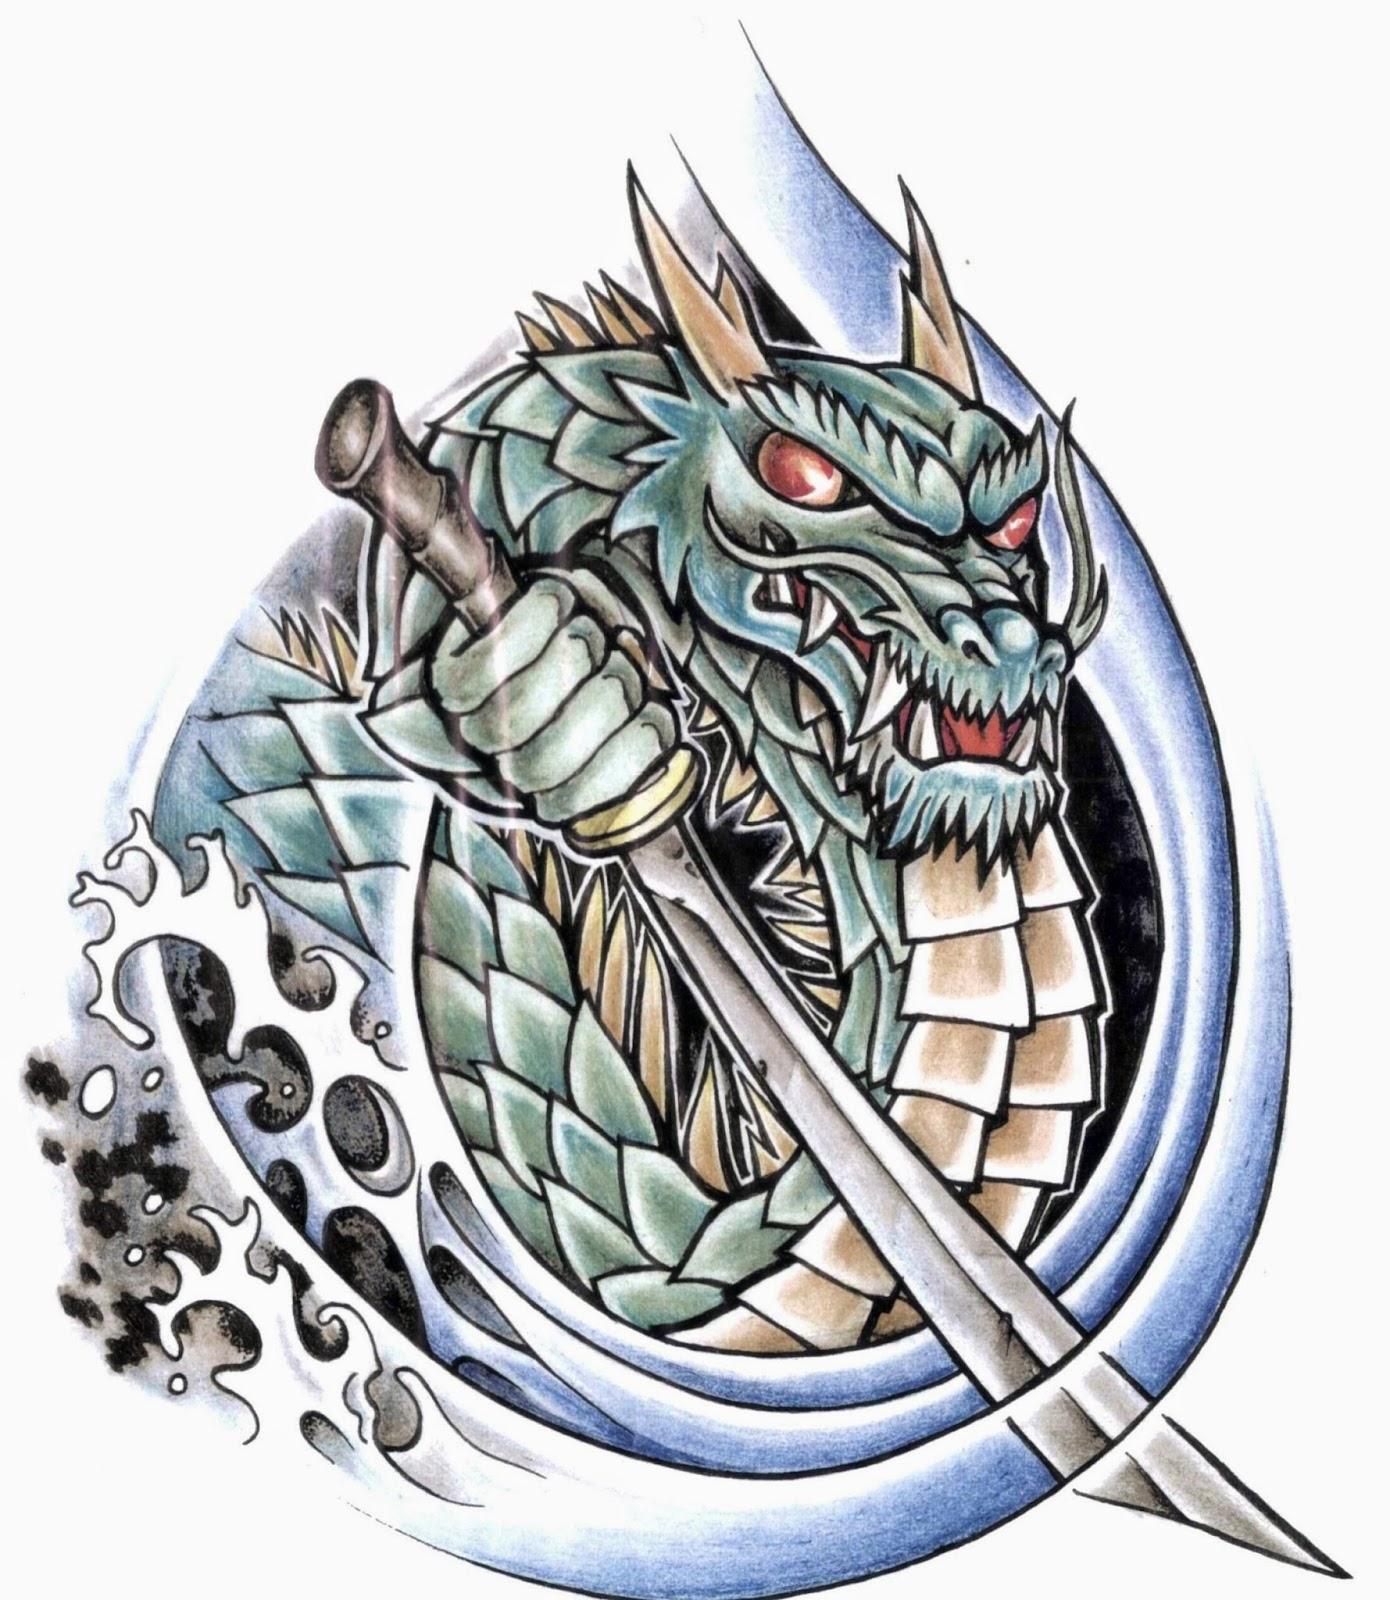 Тату дракона эскизы и картинки с драконами tatufoto ru - татуировки дракона эскизы